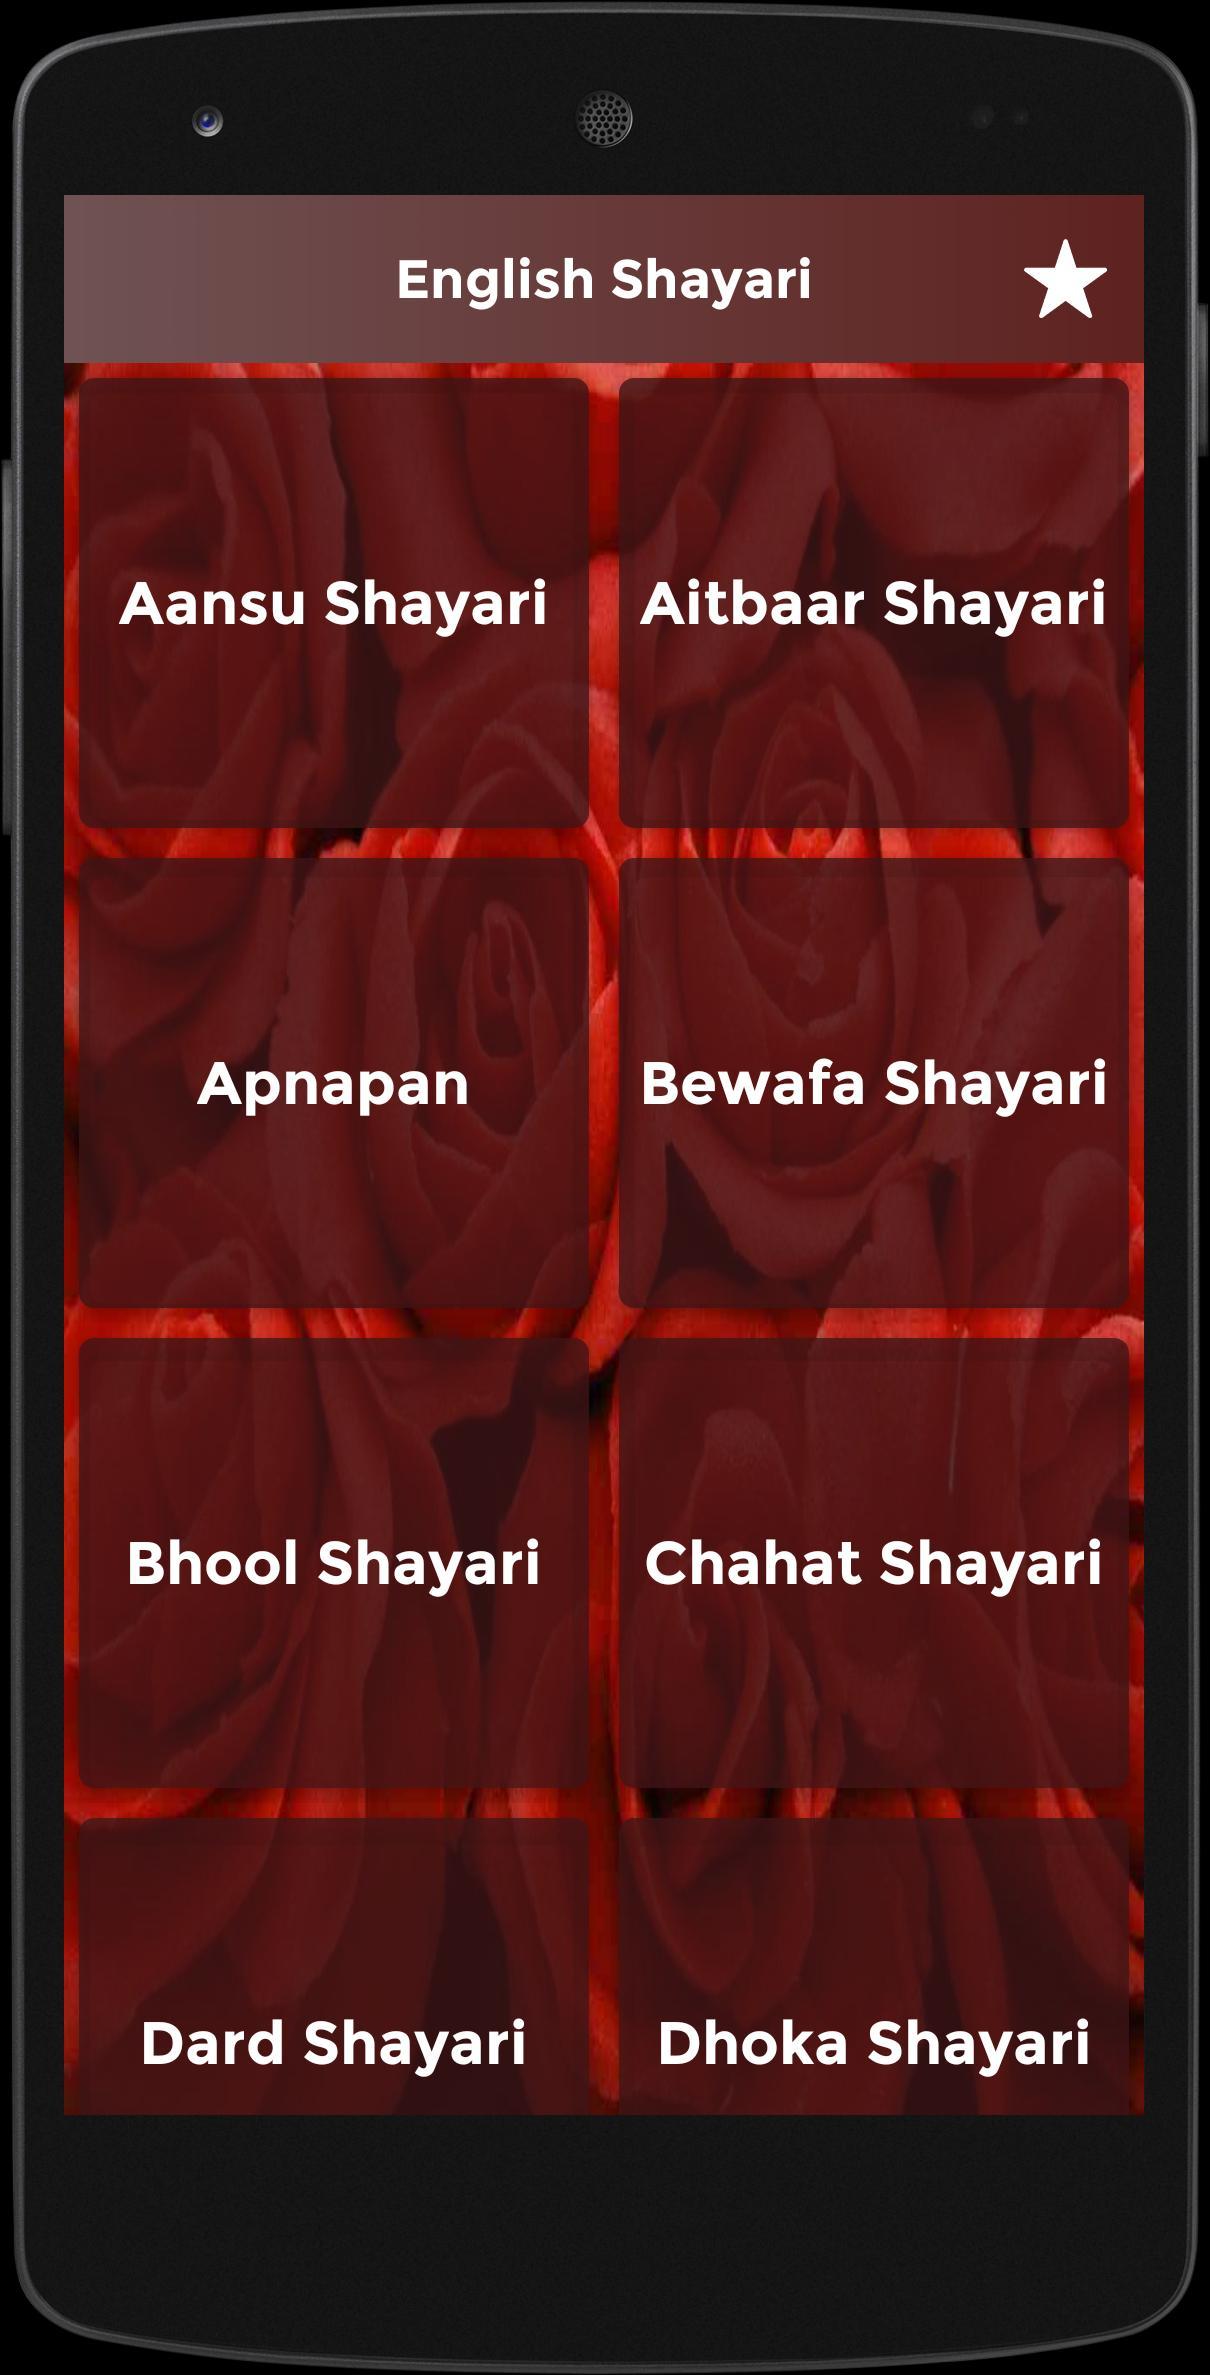 English Shayari for Android - APK Download